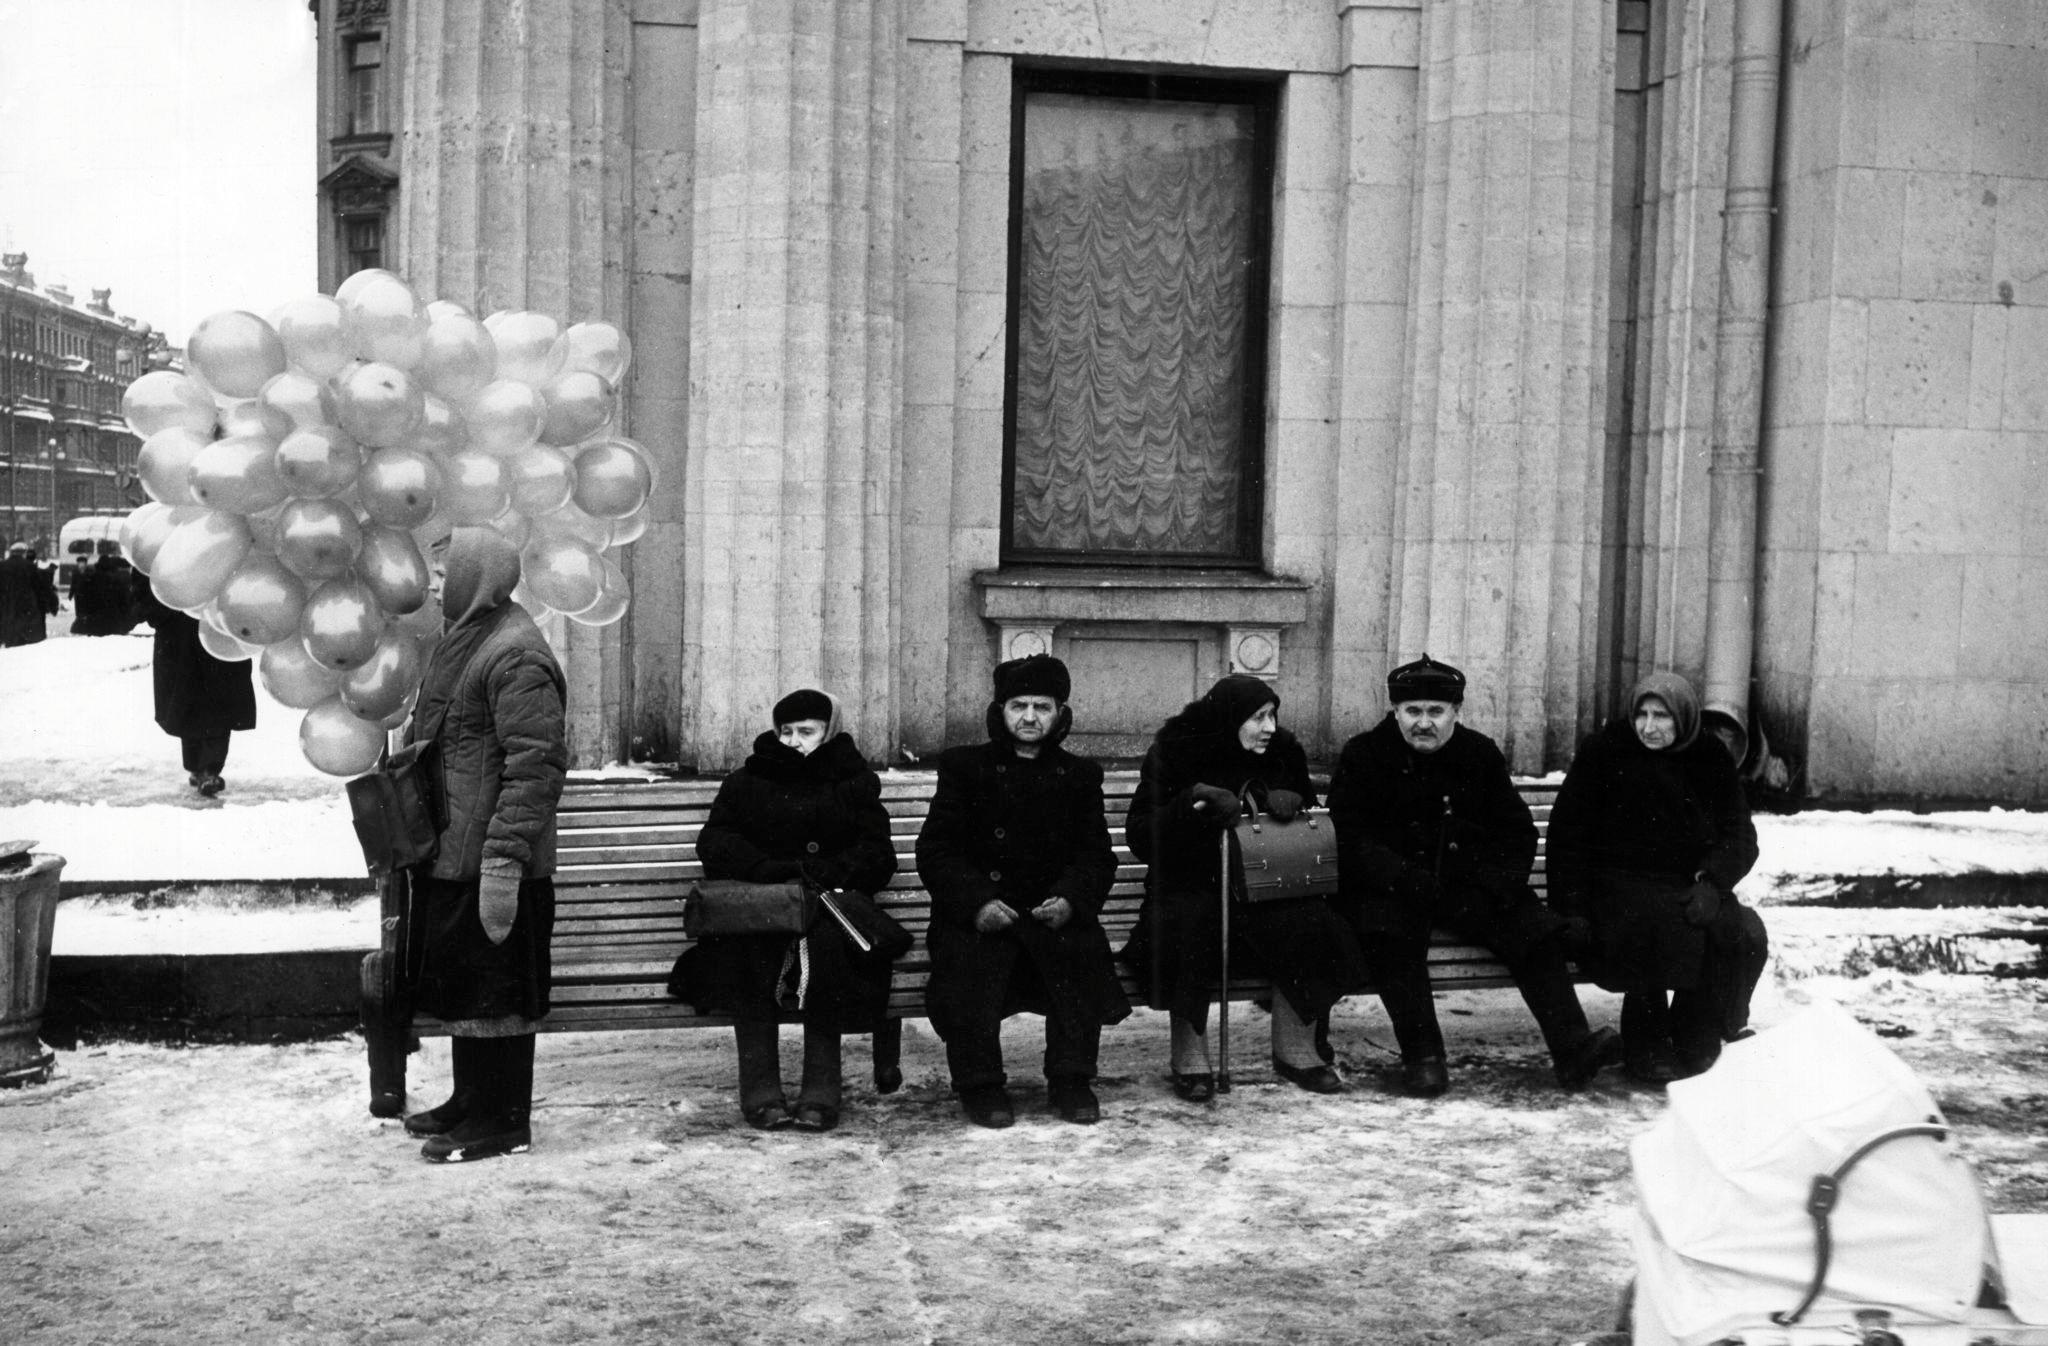 Продажа воздушных шариков у станции метро «Площадь Восстания»